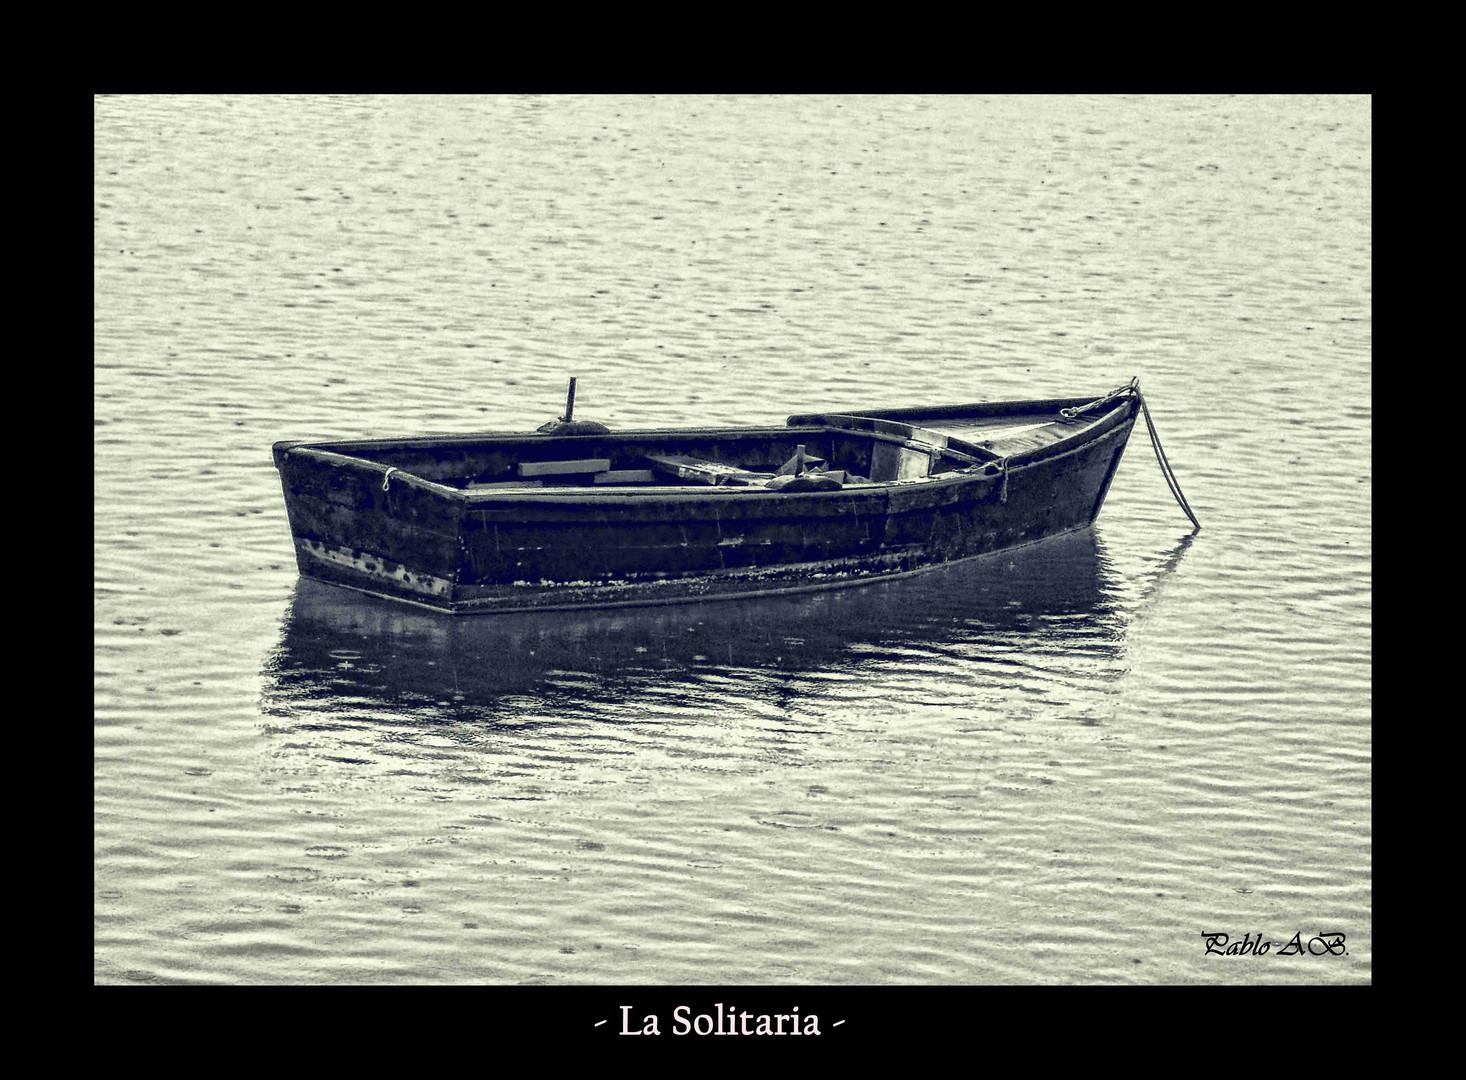 La Solitaria